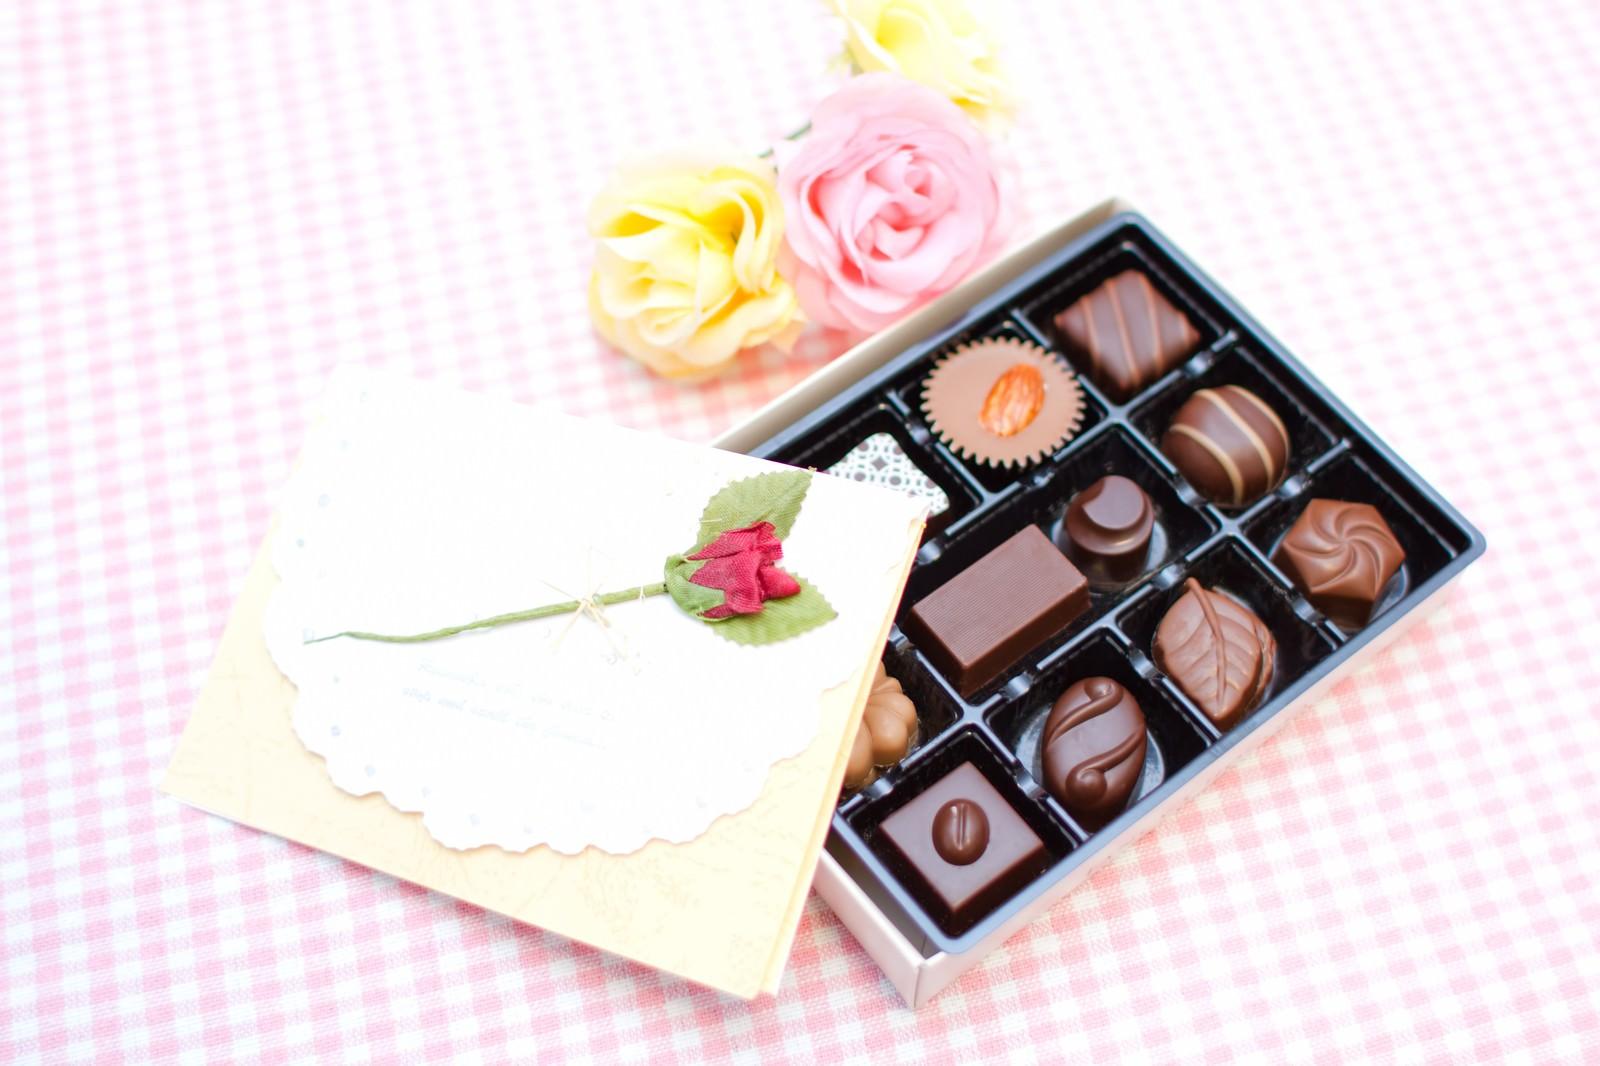 「チョコレートと恋文チョコレートと恋文」のフリー写真素材を拡大